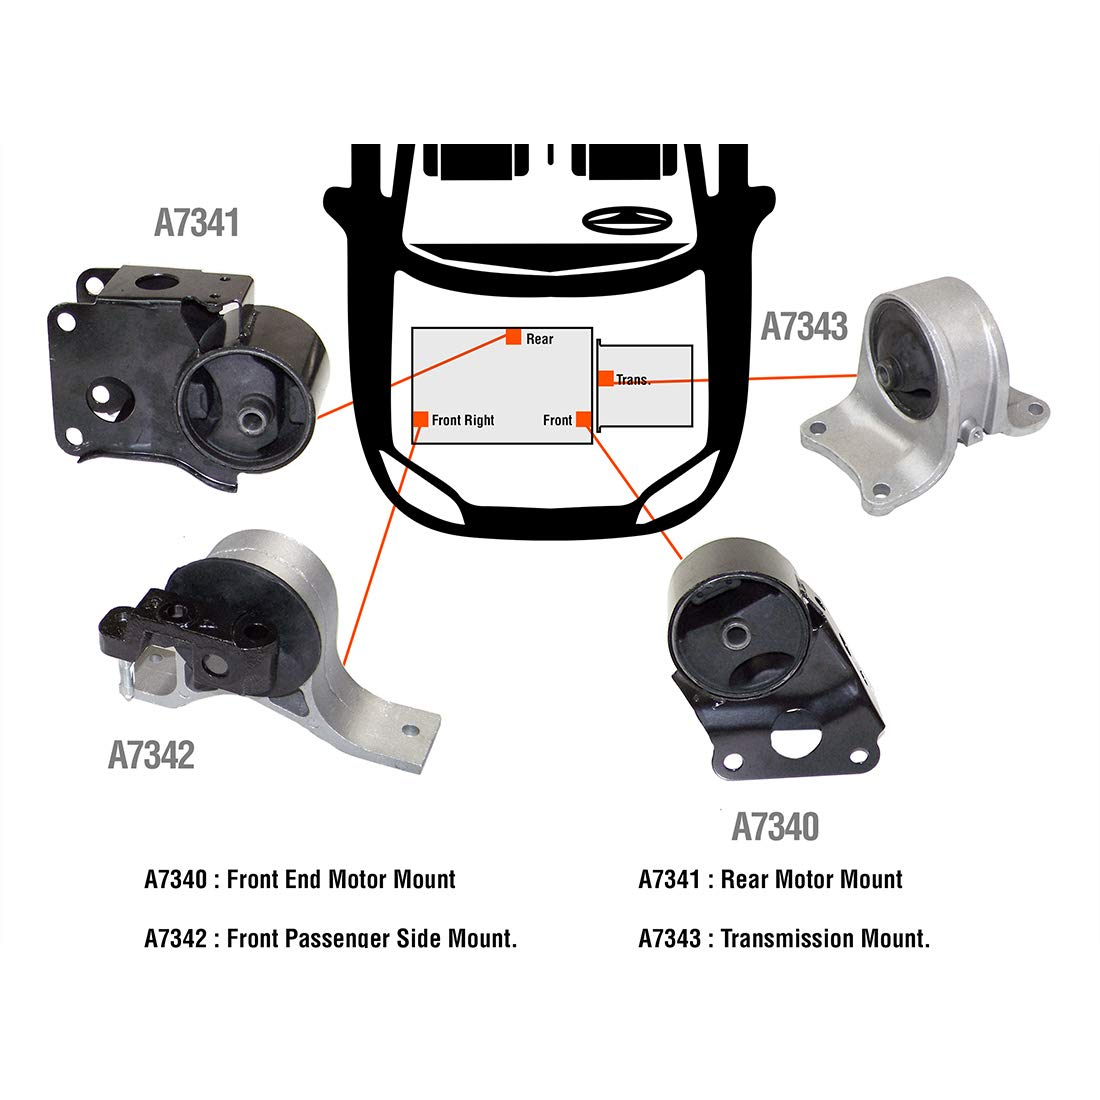 Nissan/Altima DNJ MMK638 Complete Engine Motor & Transmission ...